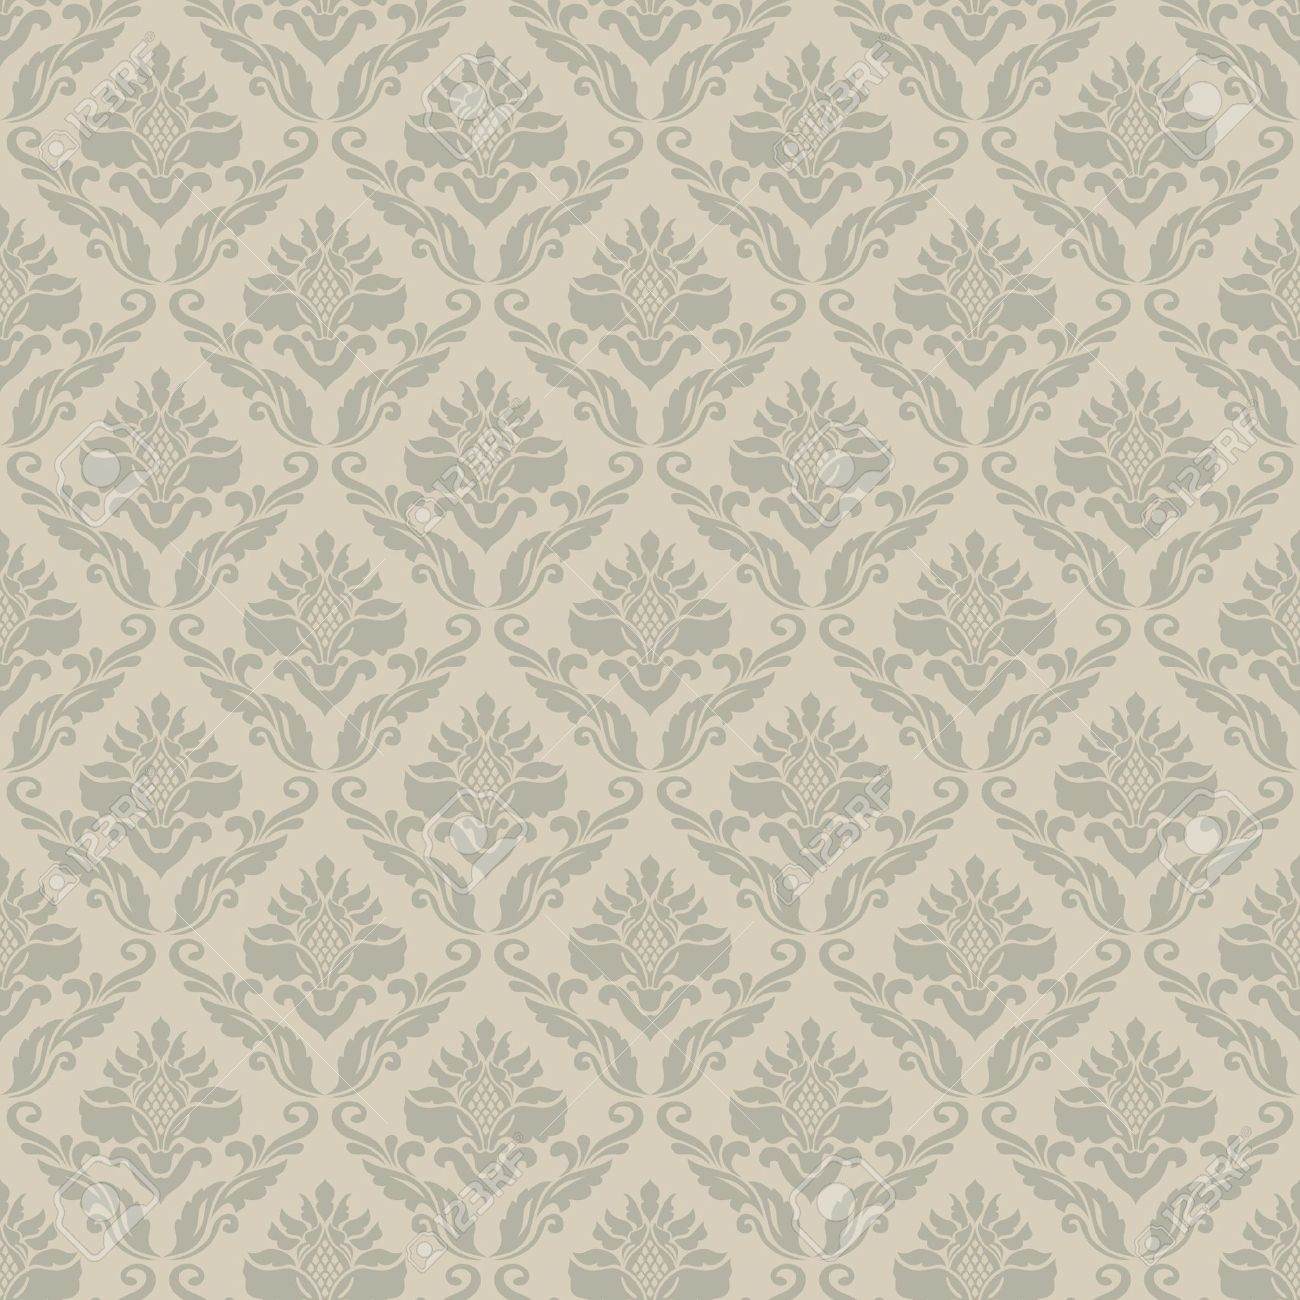 Banque Du0027images   Classique Papier Peint Vintage Transparente; De ??modèle  De Damassé Ornmental